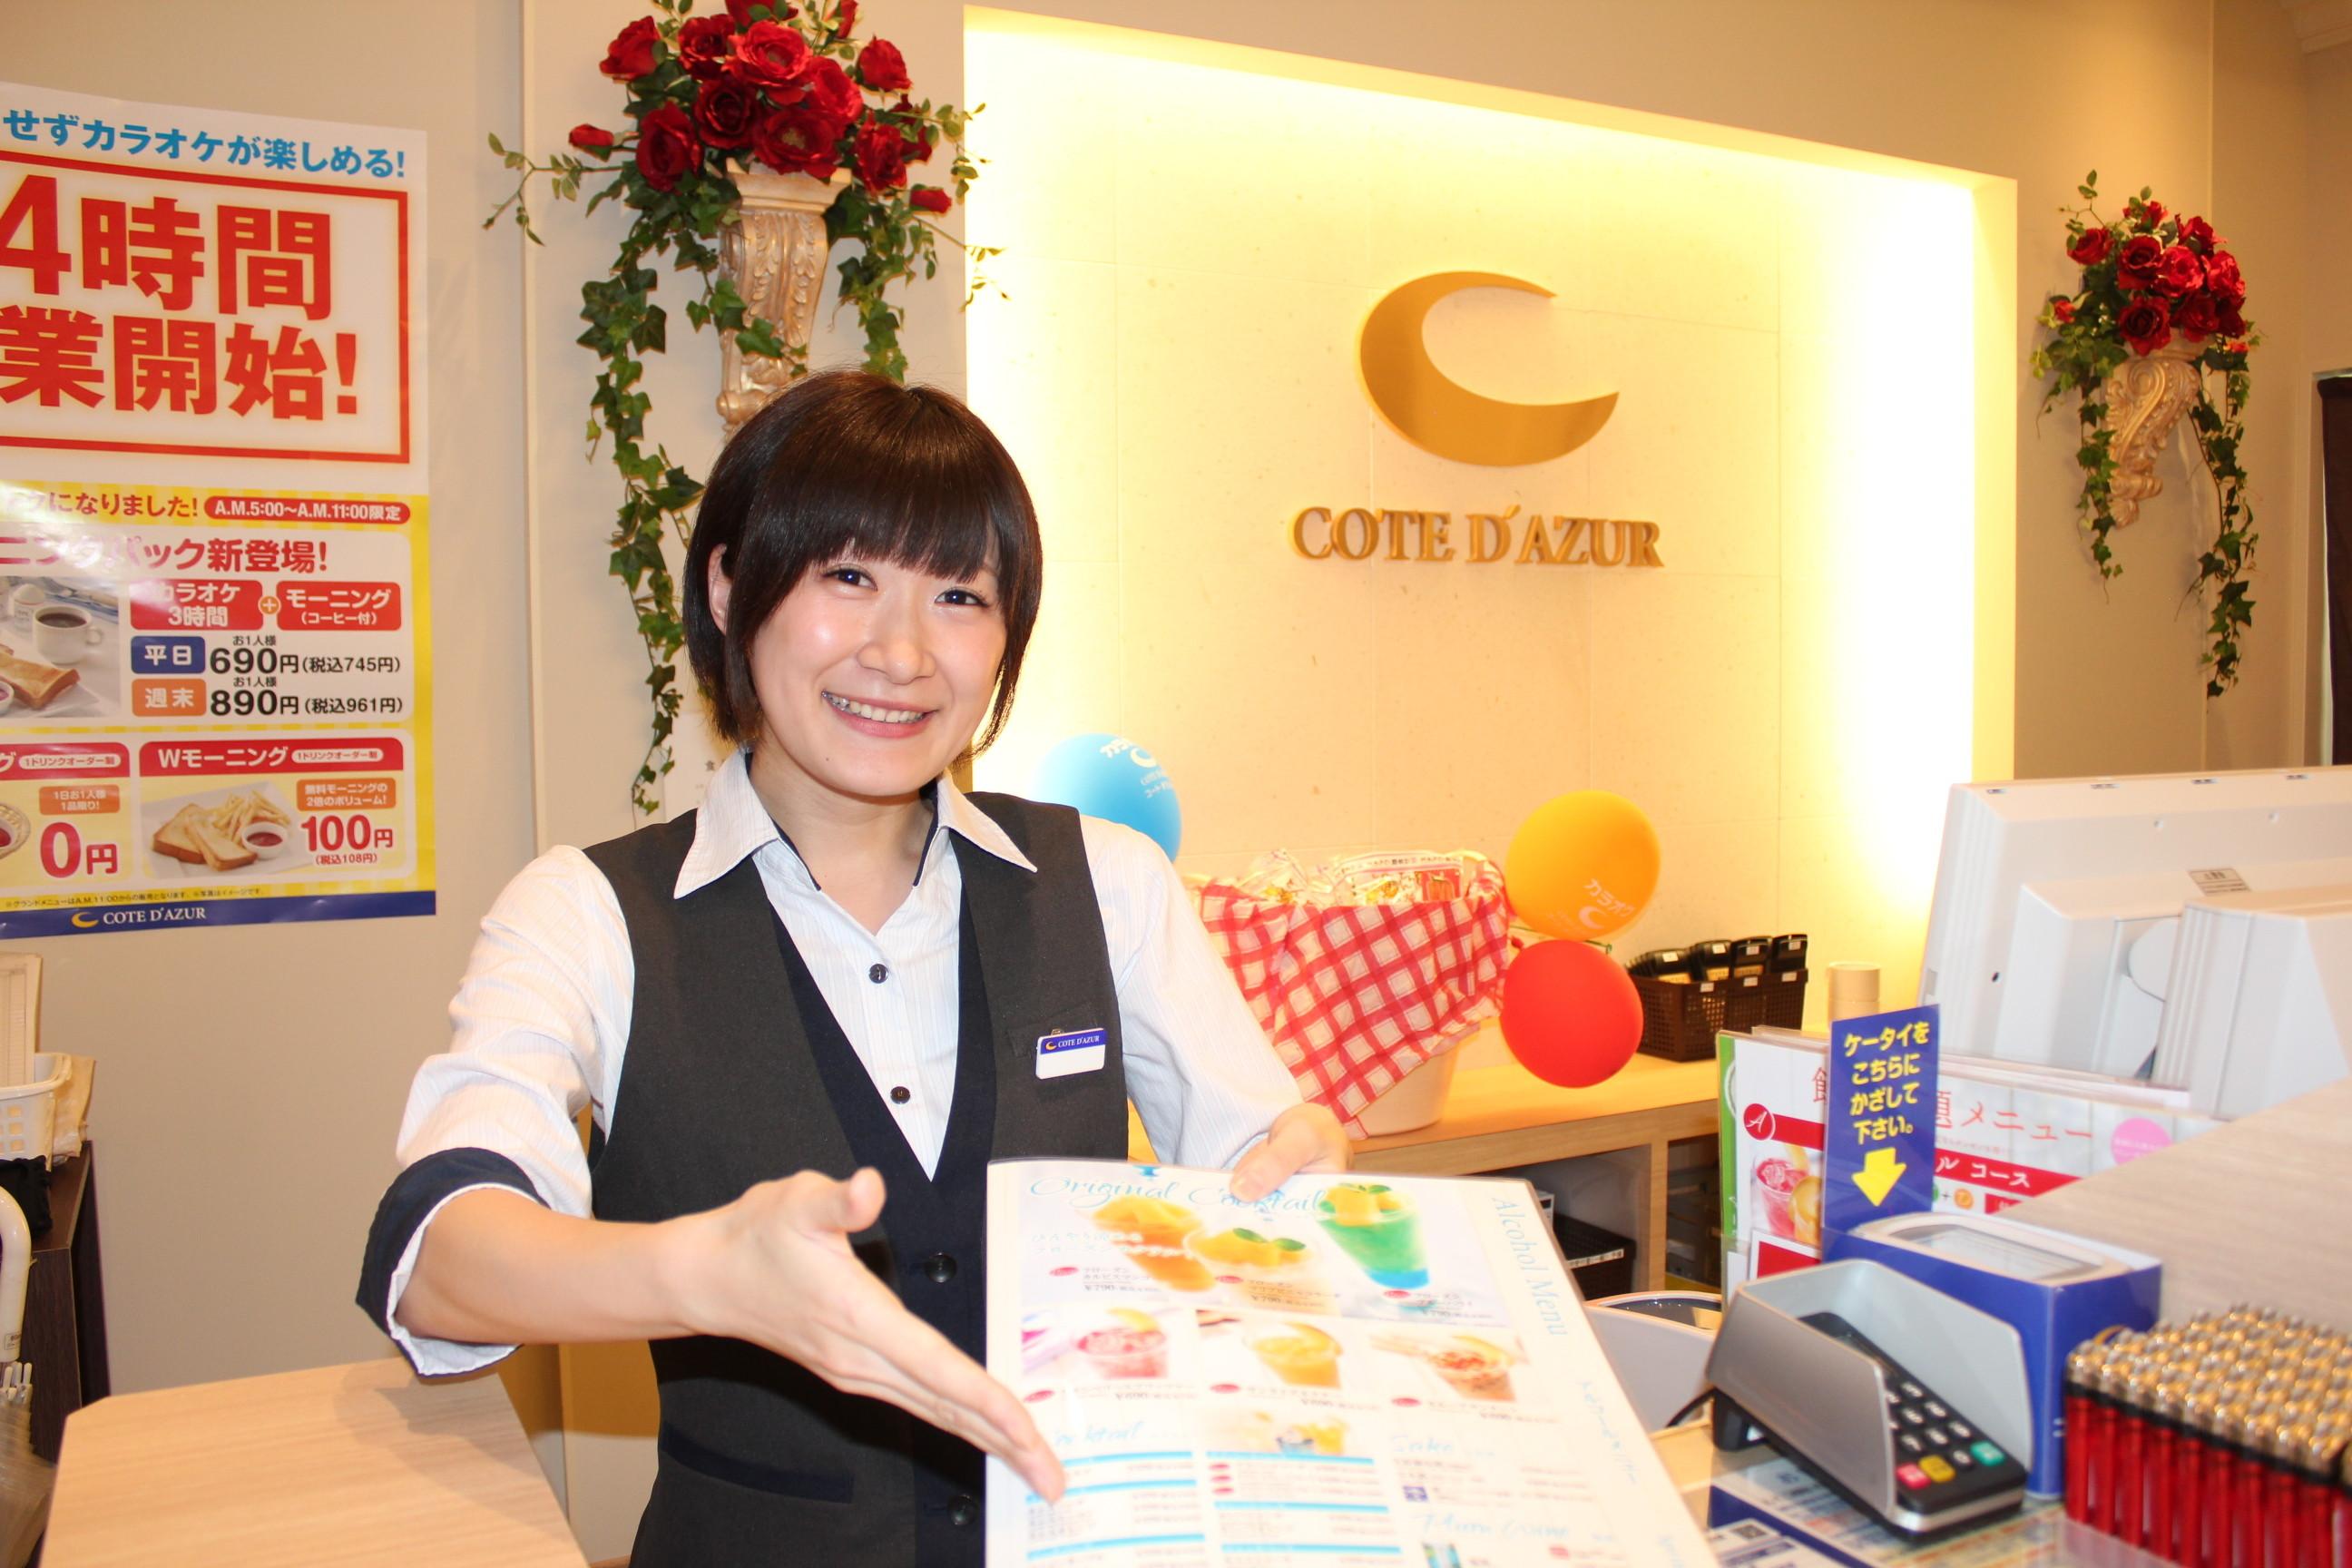 コート・ダジュール 元町・中華街店 のアルバイト情報